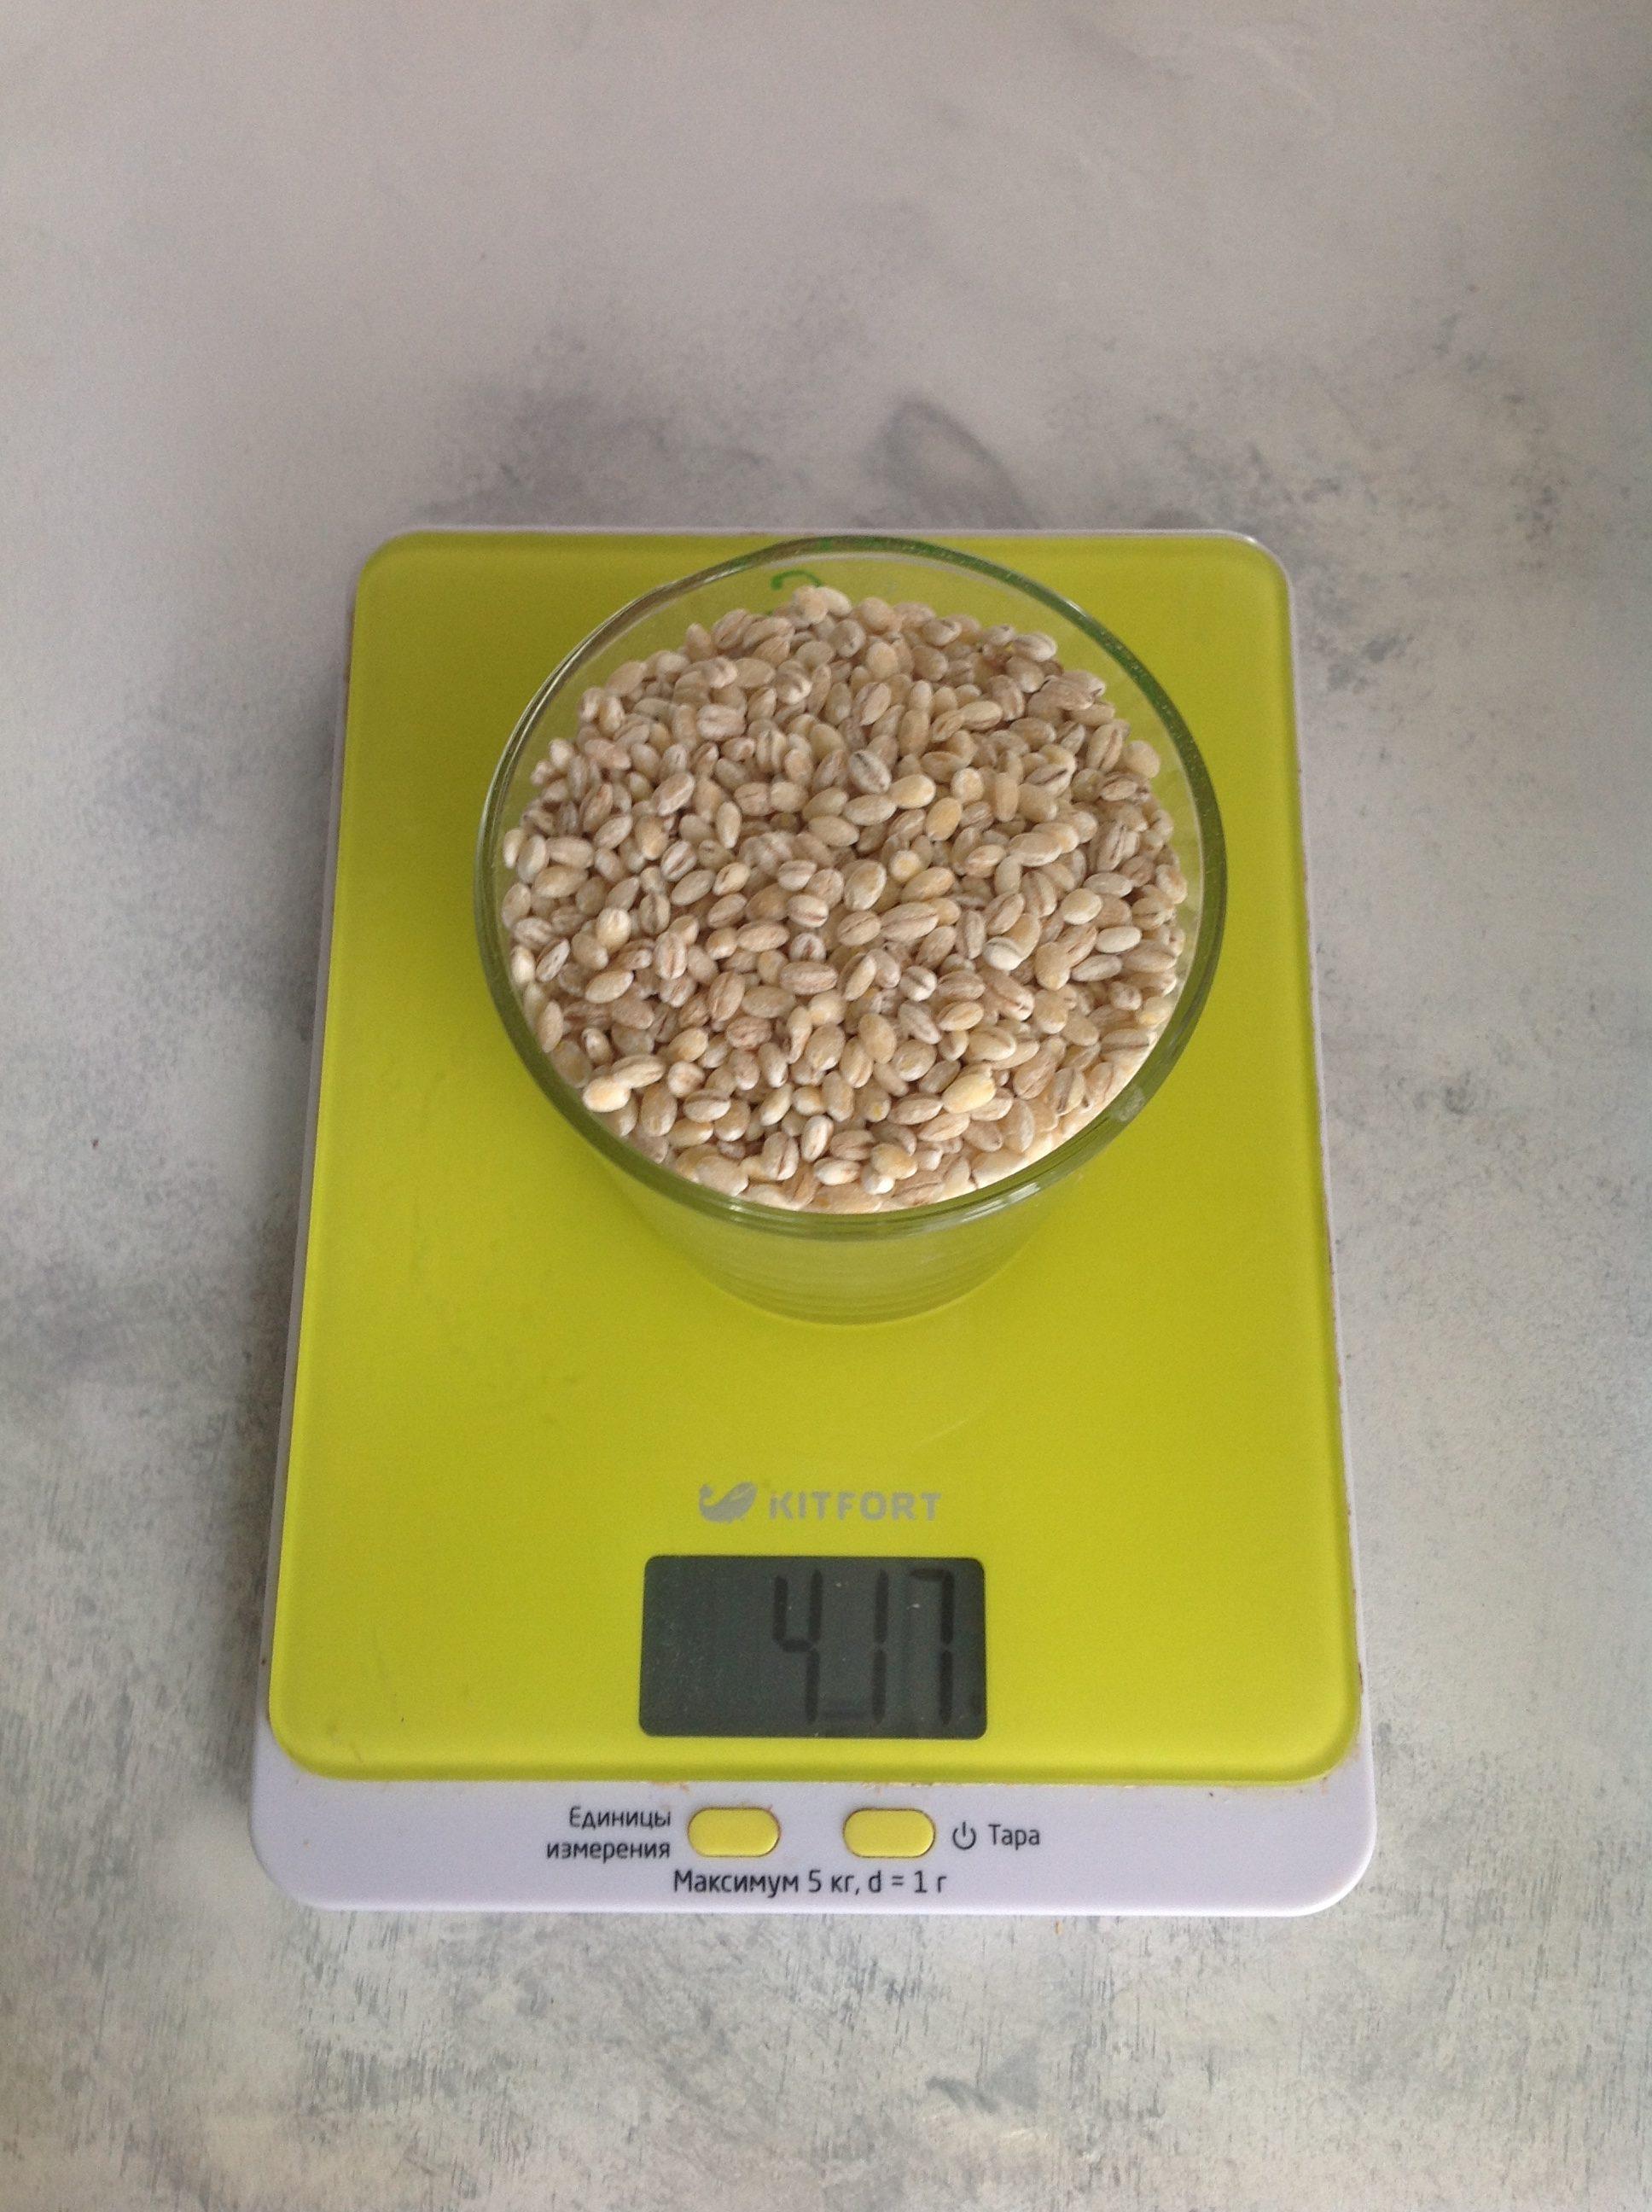 вес перловки мелкой сухой в стакане 250 мл